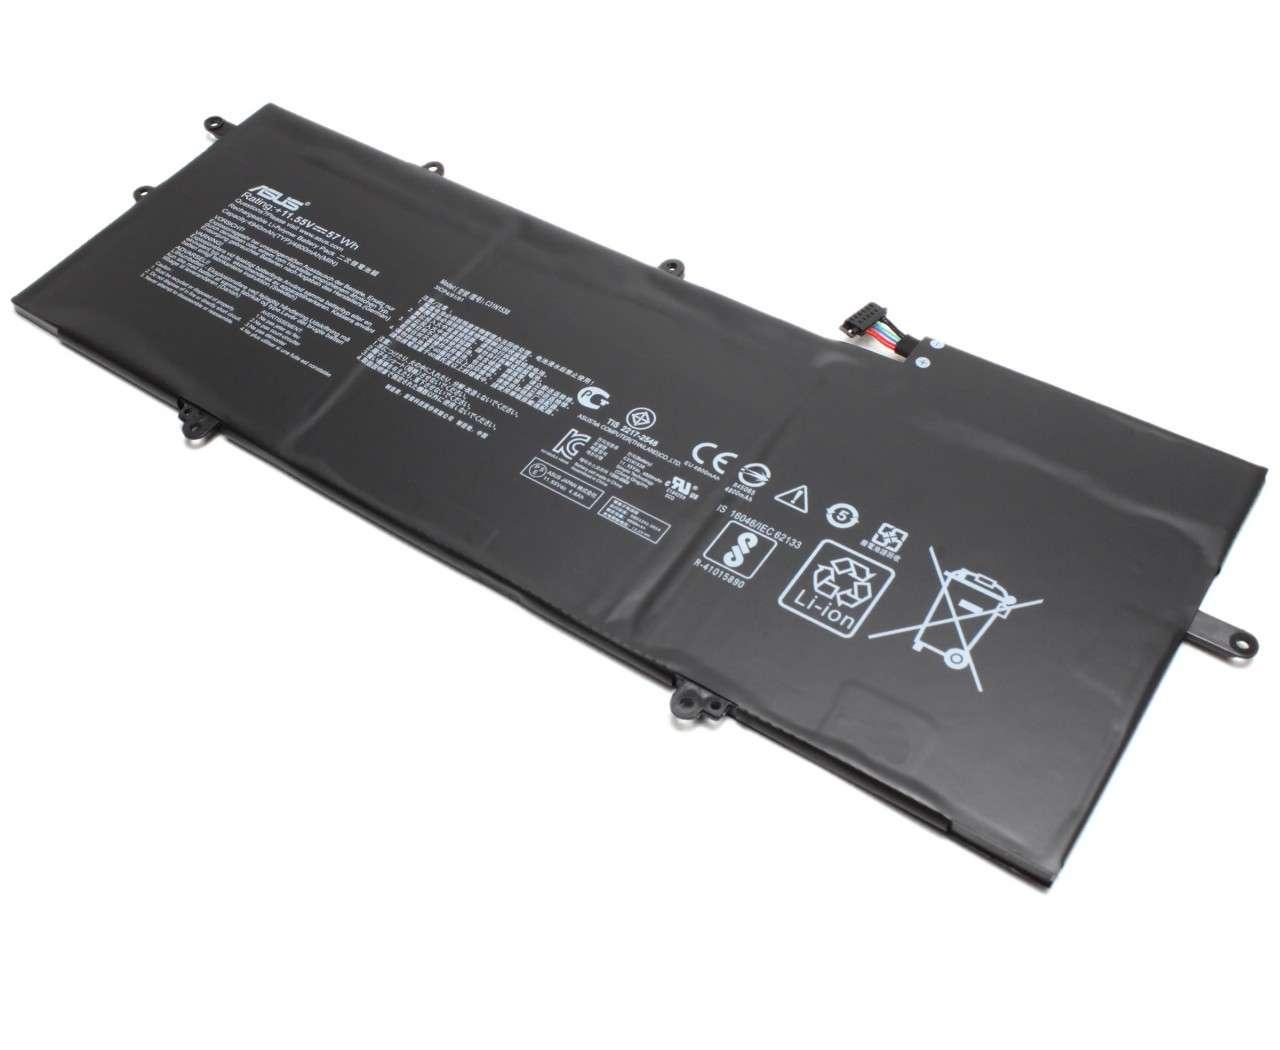 Baterie Asus 0B200-02080000 Originala 57Wh imagine